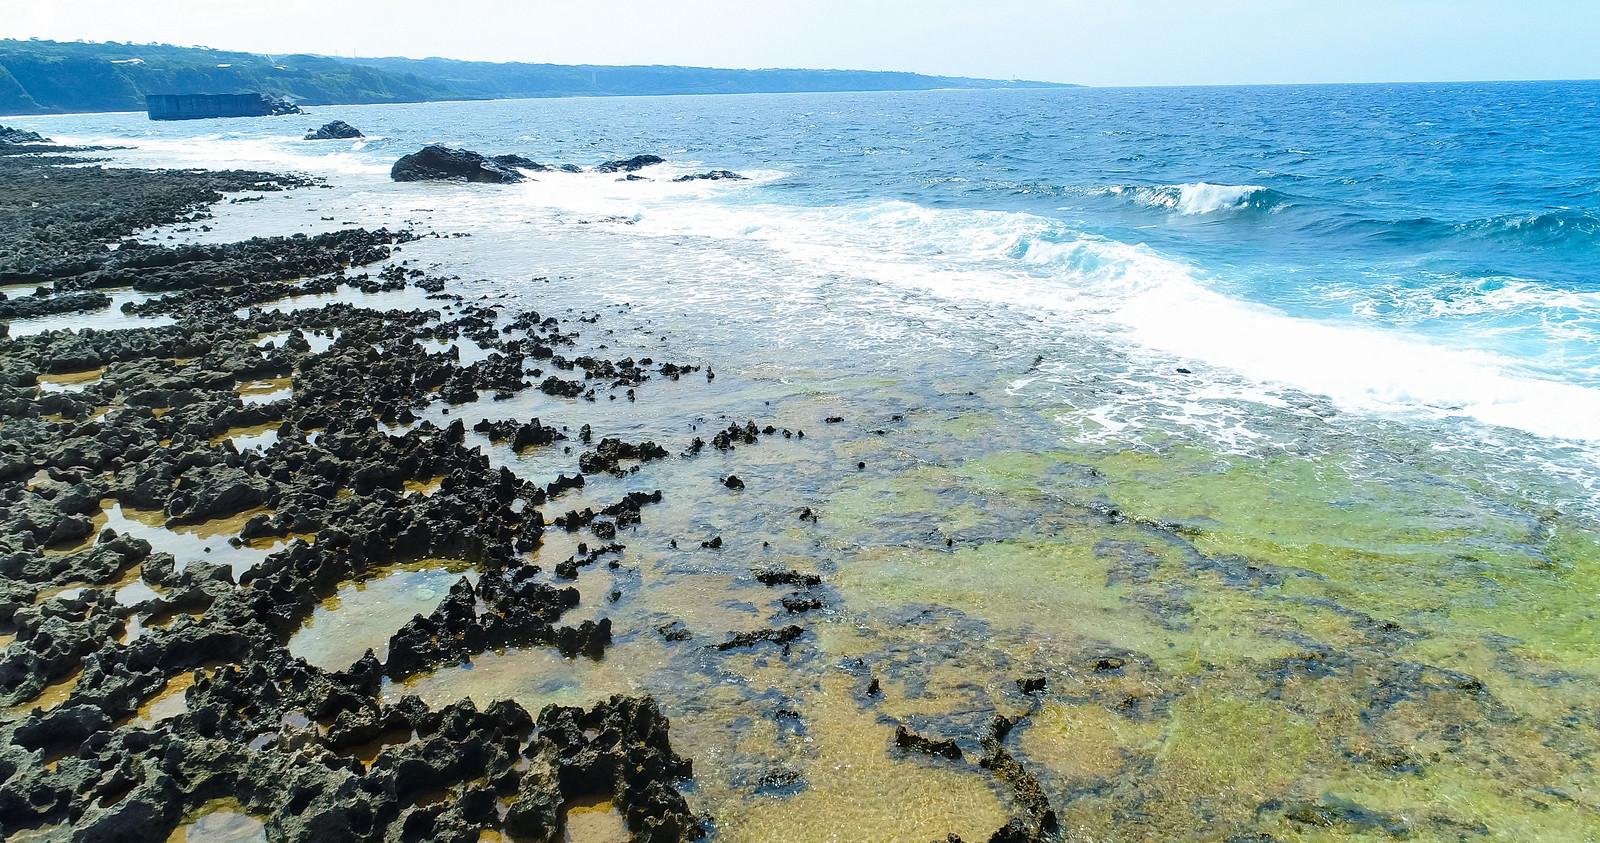 「隆起サンゴ礁が続く犬田布海岸隆起サンゴ礁が続く犬田布海岸」のフリー写真素材を拡大